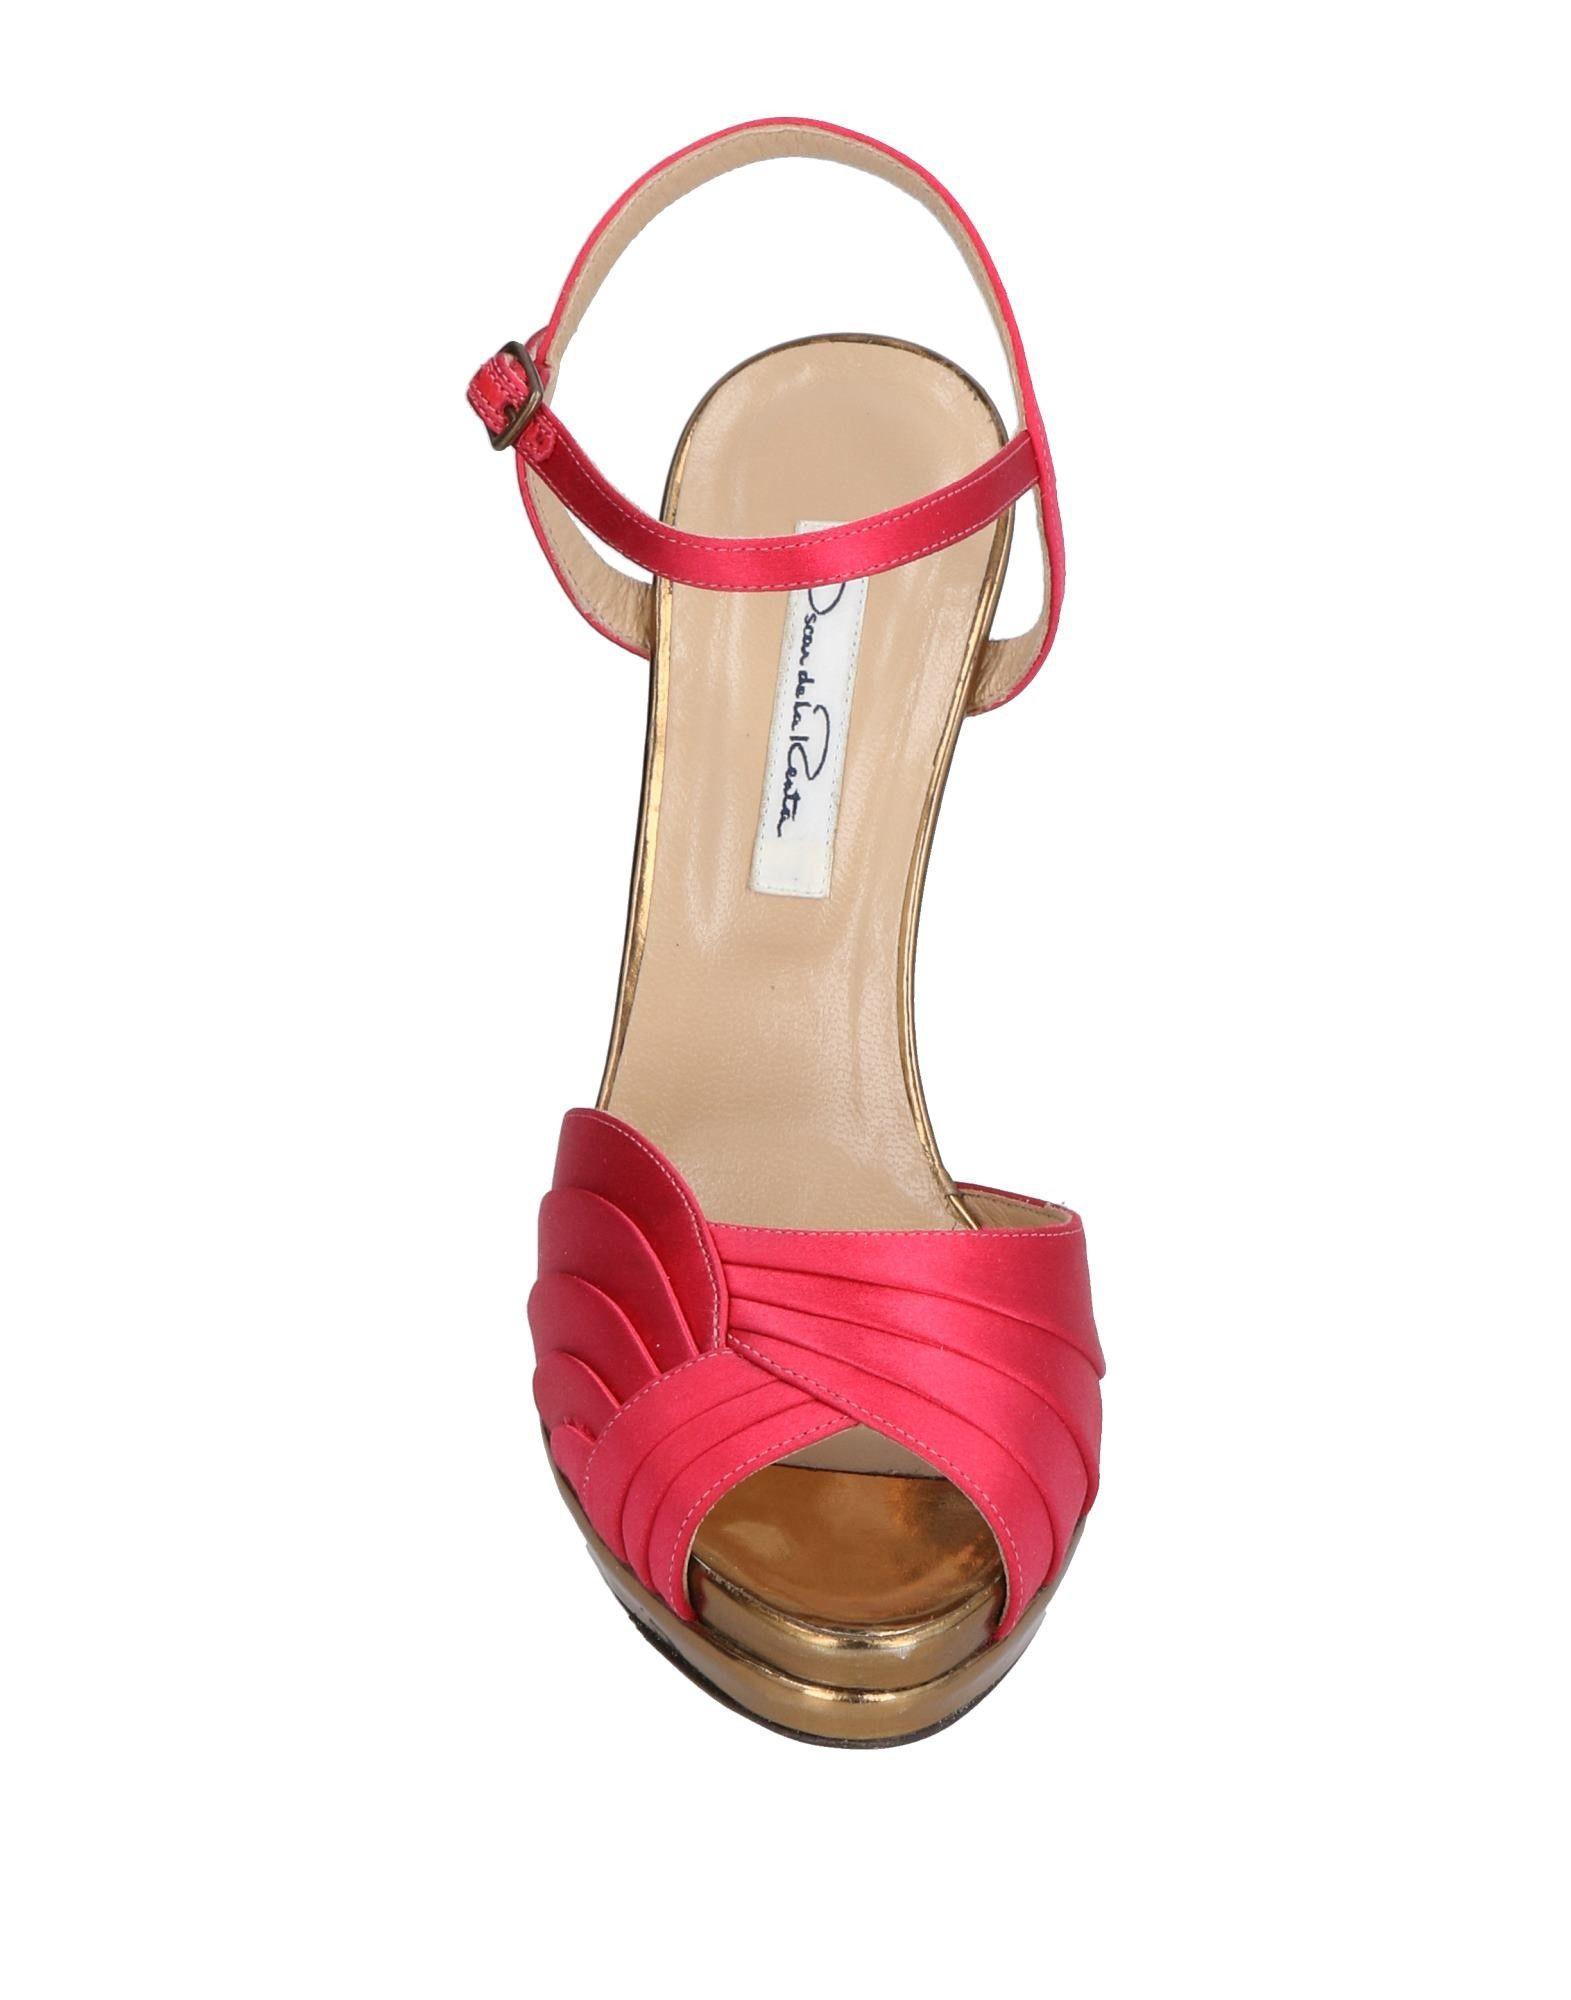 Oscar De La Renta gut Sandalen Damen  11475651GLGünstige gut Renta aussehende Schuhe 7ae5b6